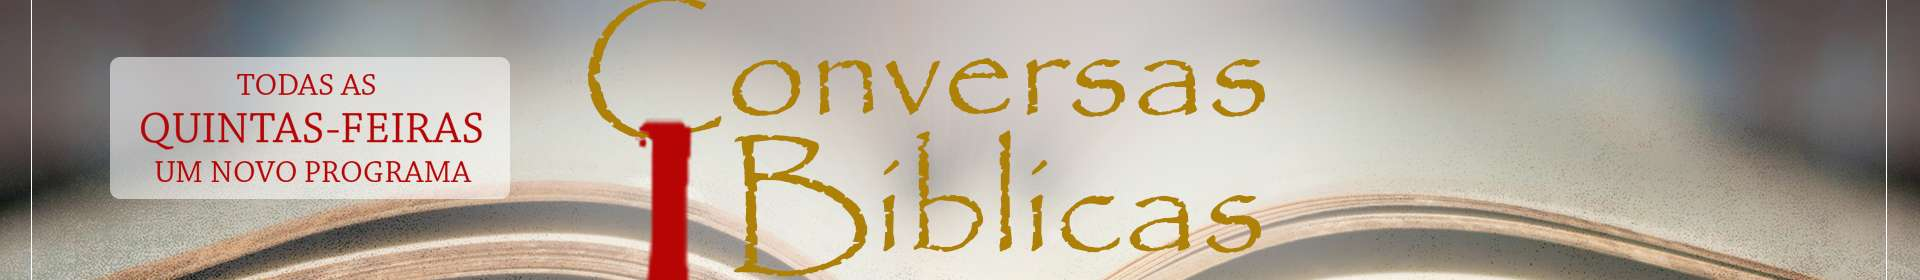 Conversas Bíblicas: Histórico da Doutrina - Parte 2